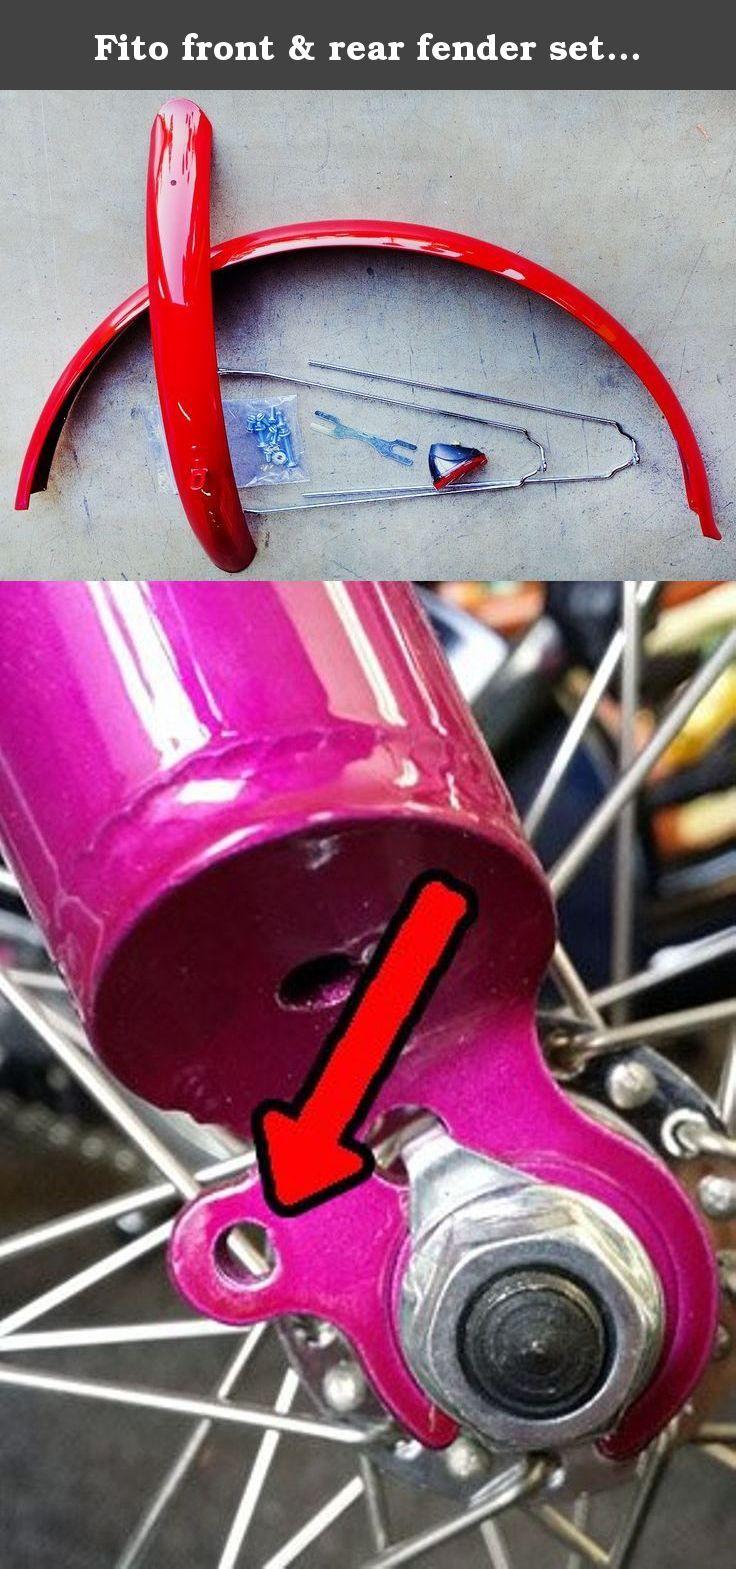 Fito front & rear fender set (Red) for Marina, Modena, Verona ...